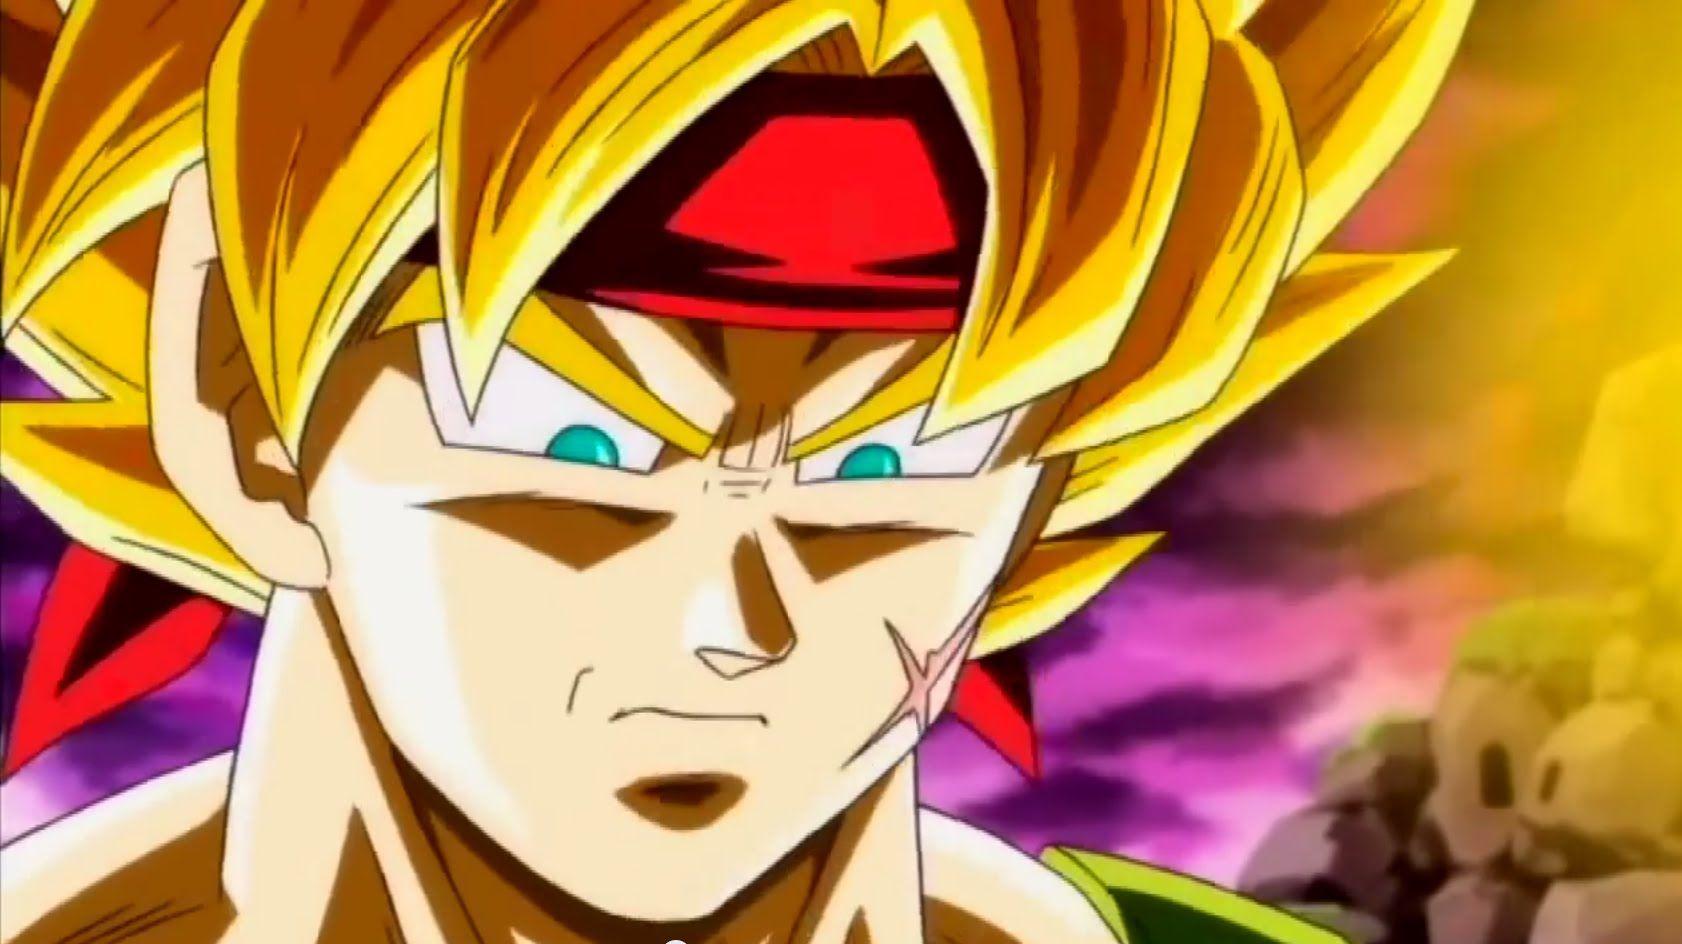 Dragon Ball Z : Legendary Saiyan Bardock English Dub [HD] ドラゴンボールZ